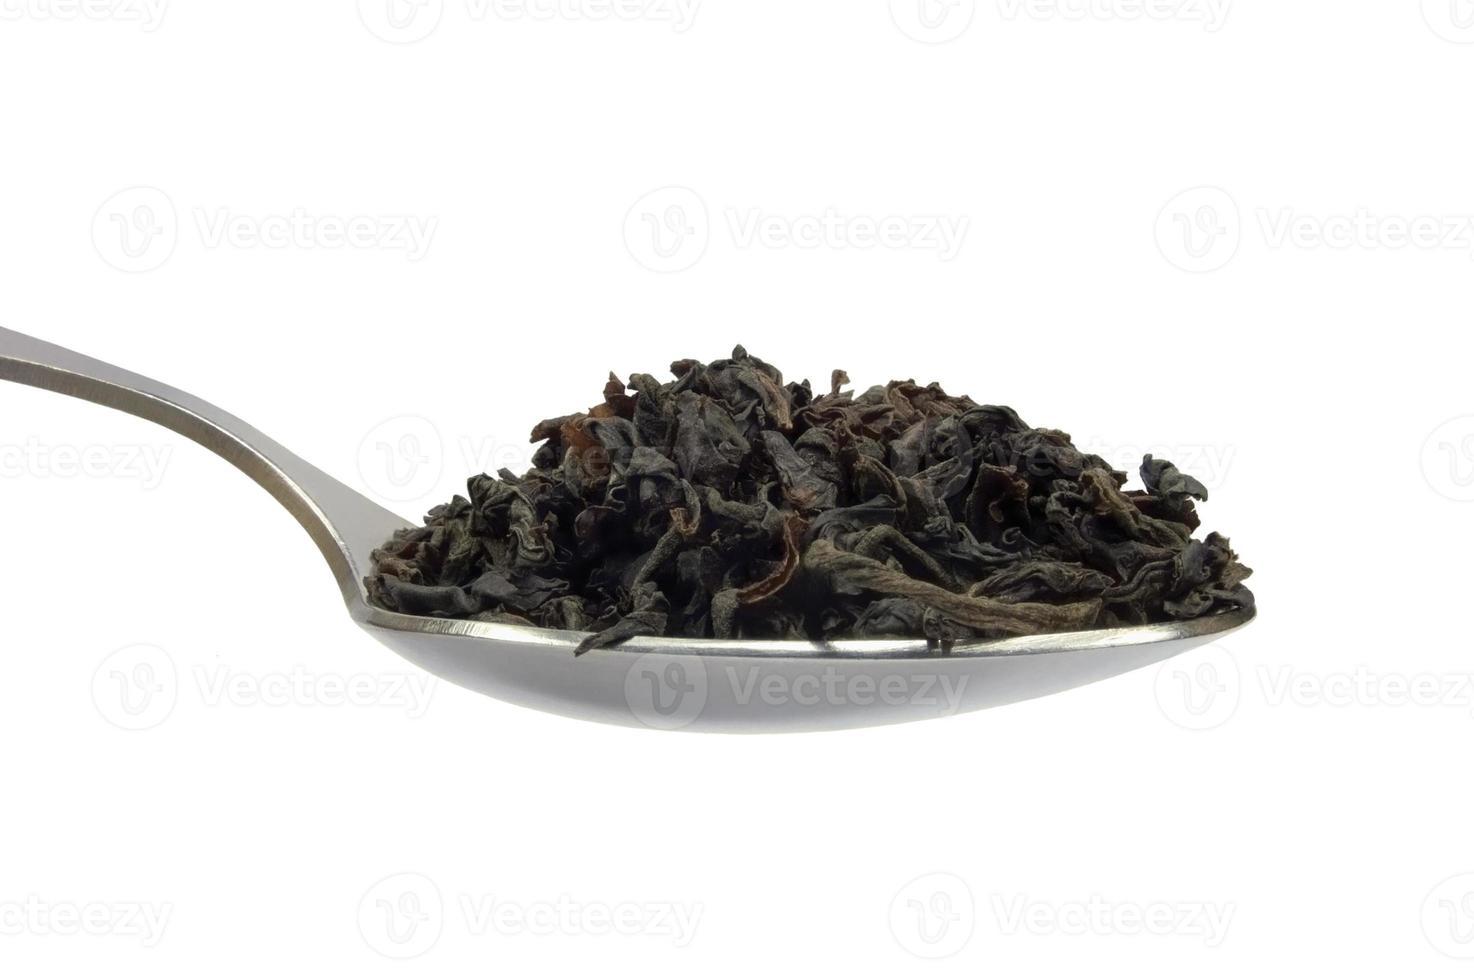 colher de chá folha de chá preto, colher isolado macro closeup, colher detalhada foto